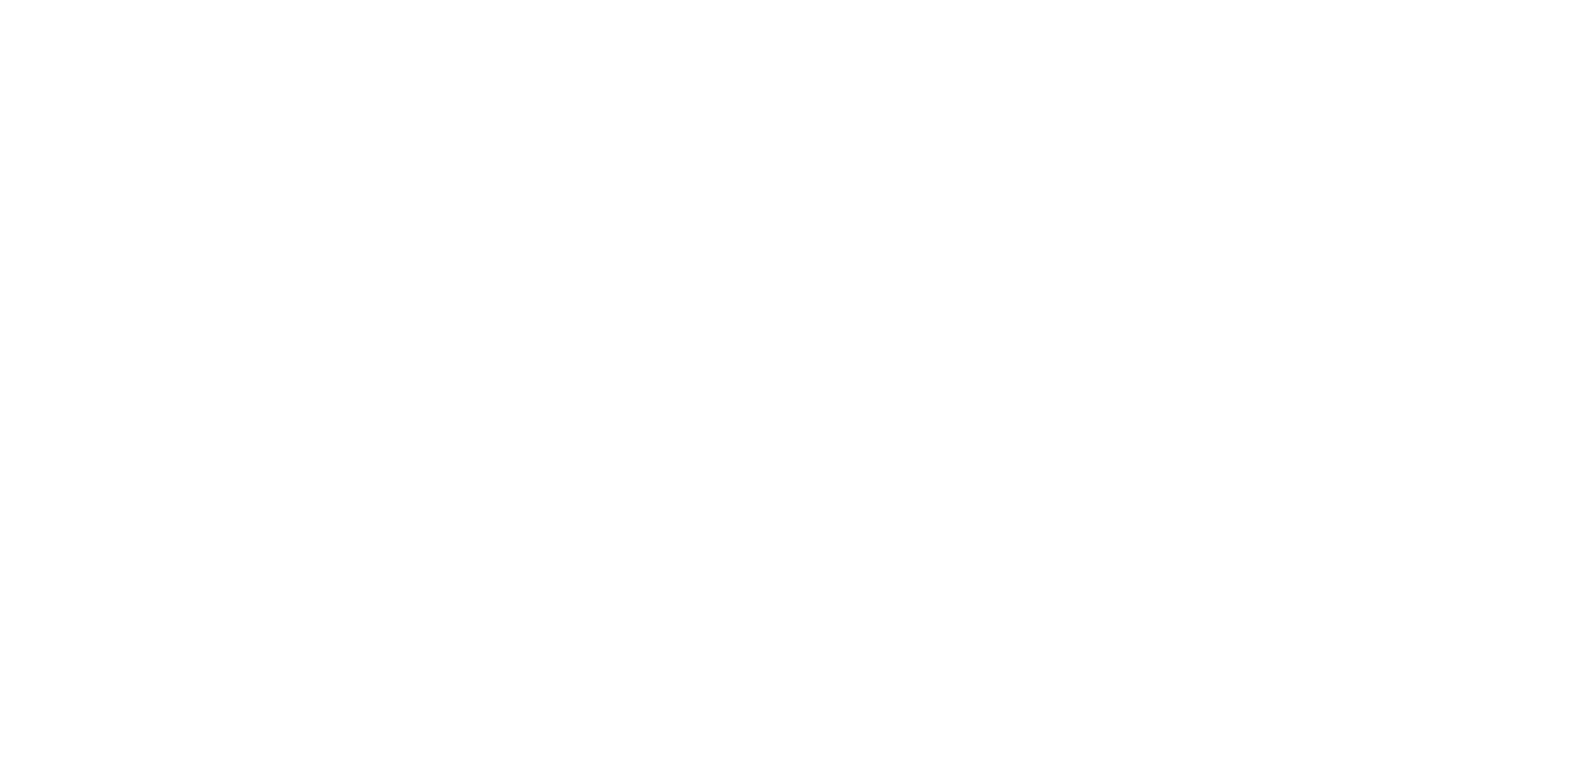 trufactor-logo-inmobi-byline.png